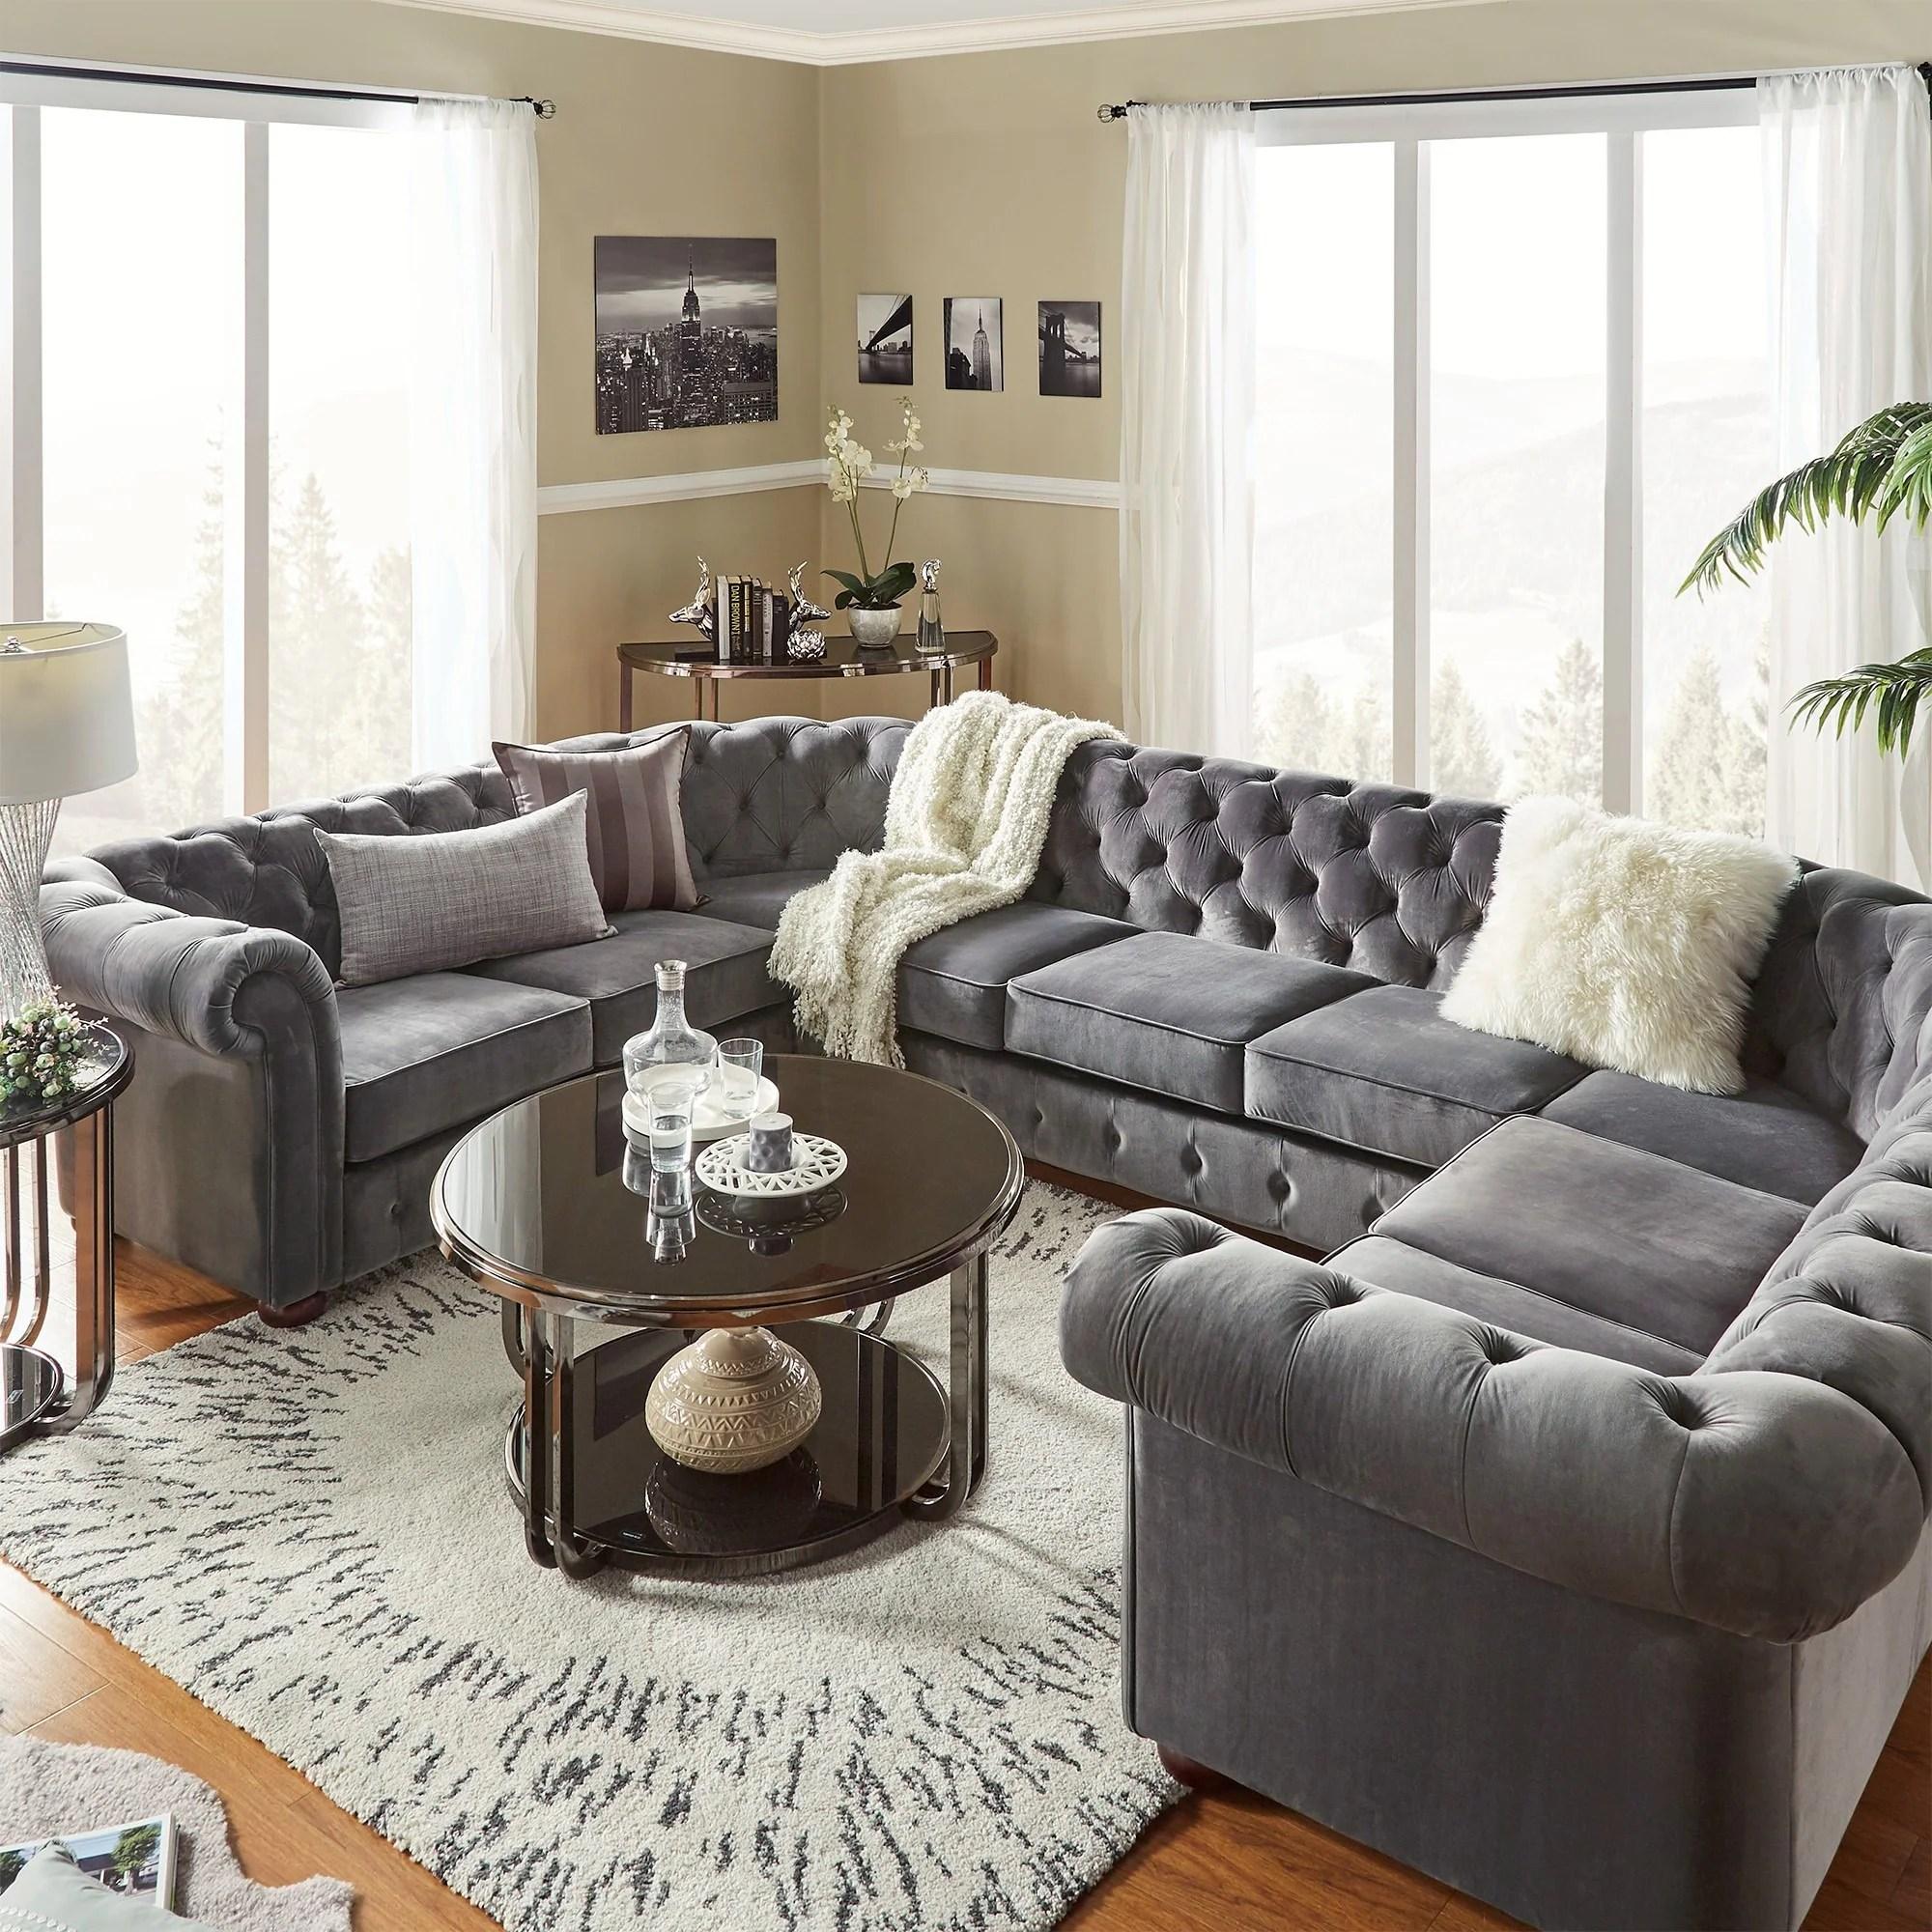 Buy Vintage Living Room Furniture Sets Online At Overstock